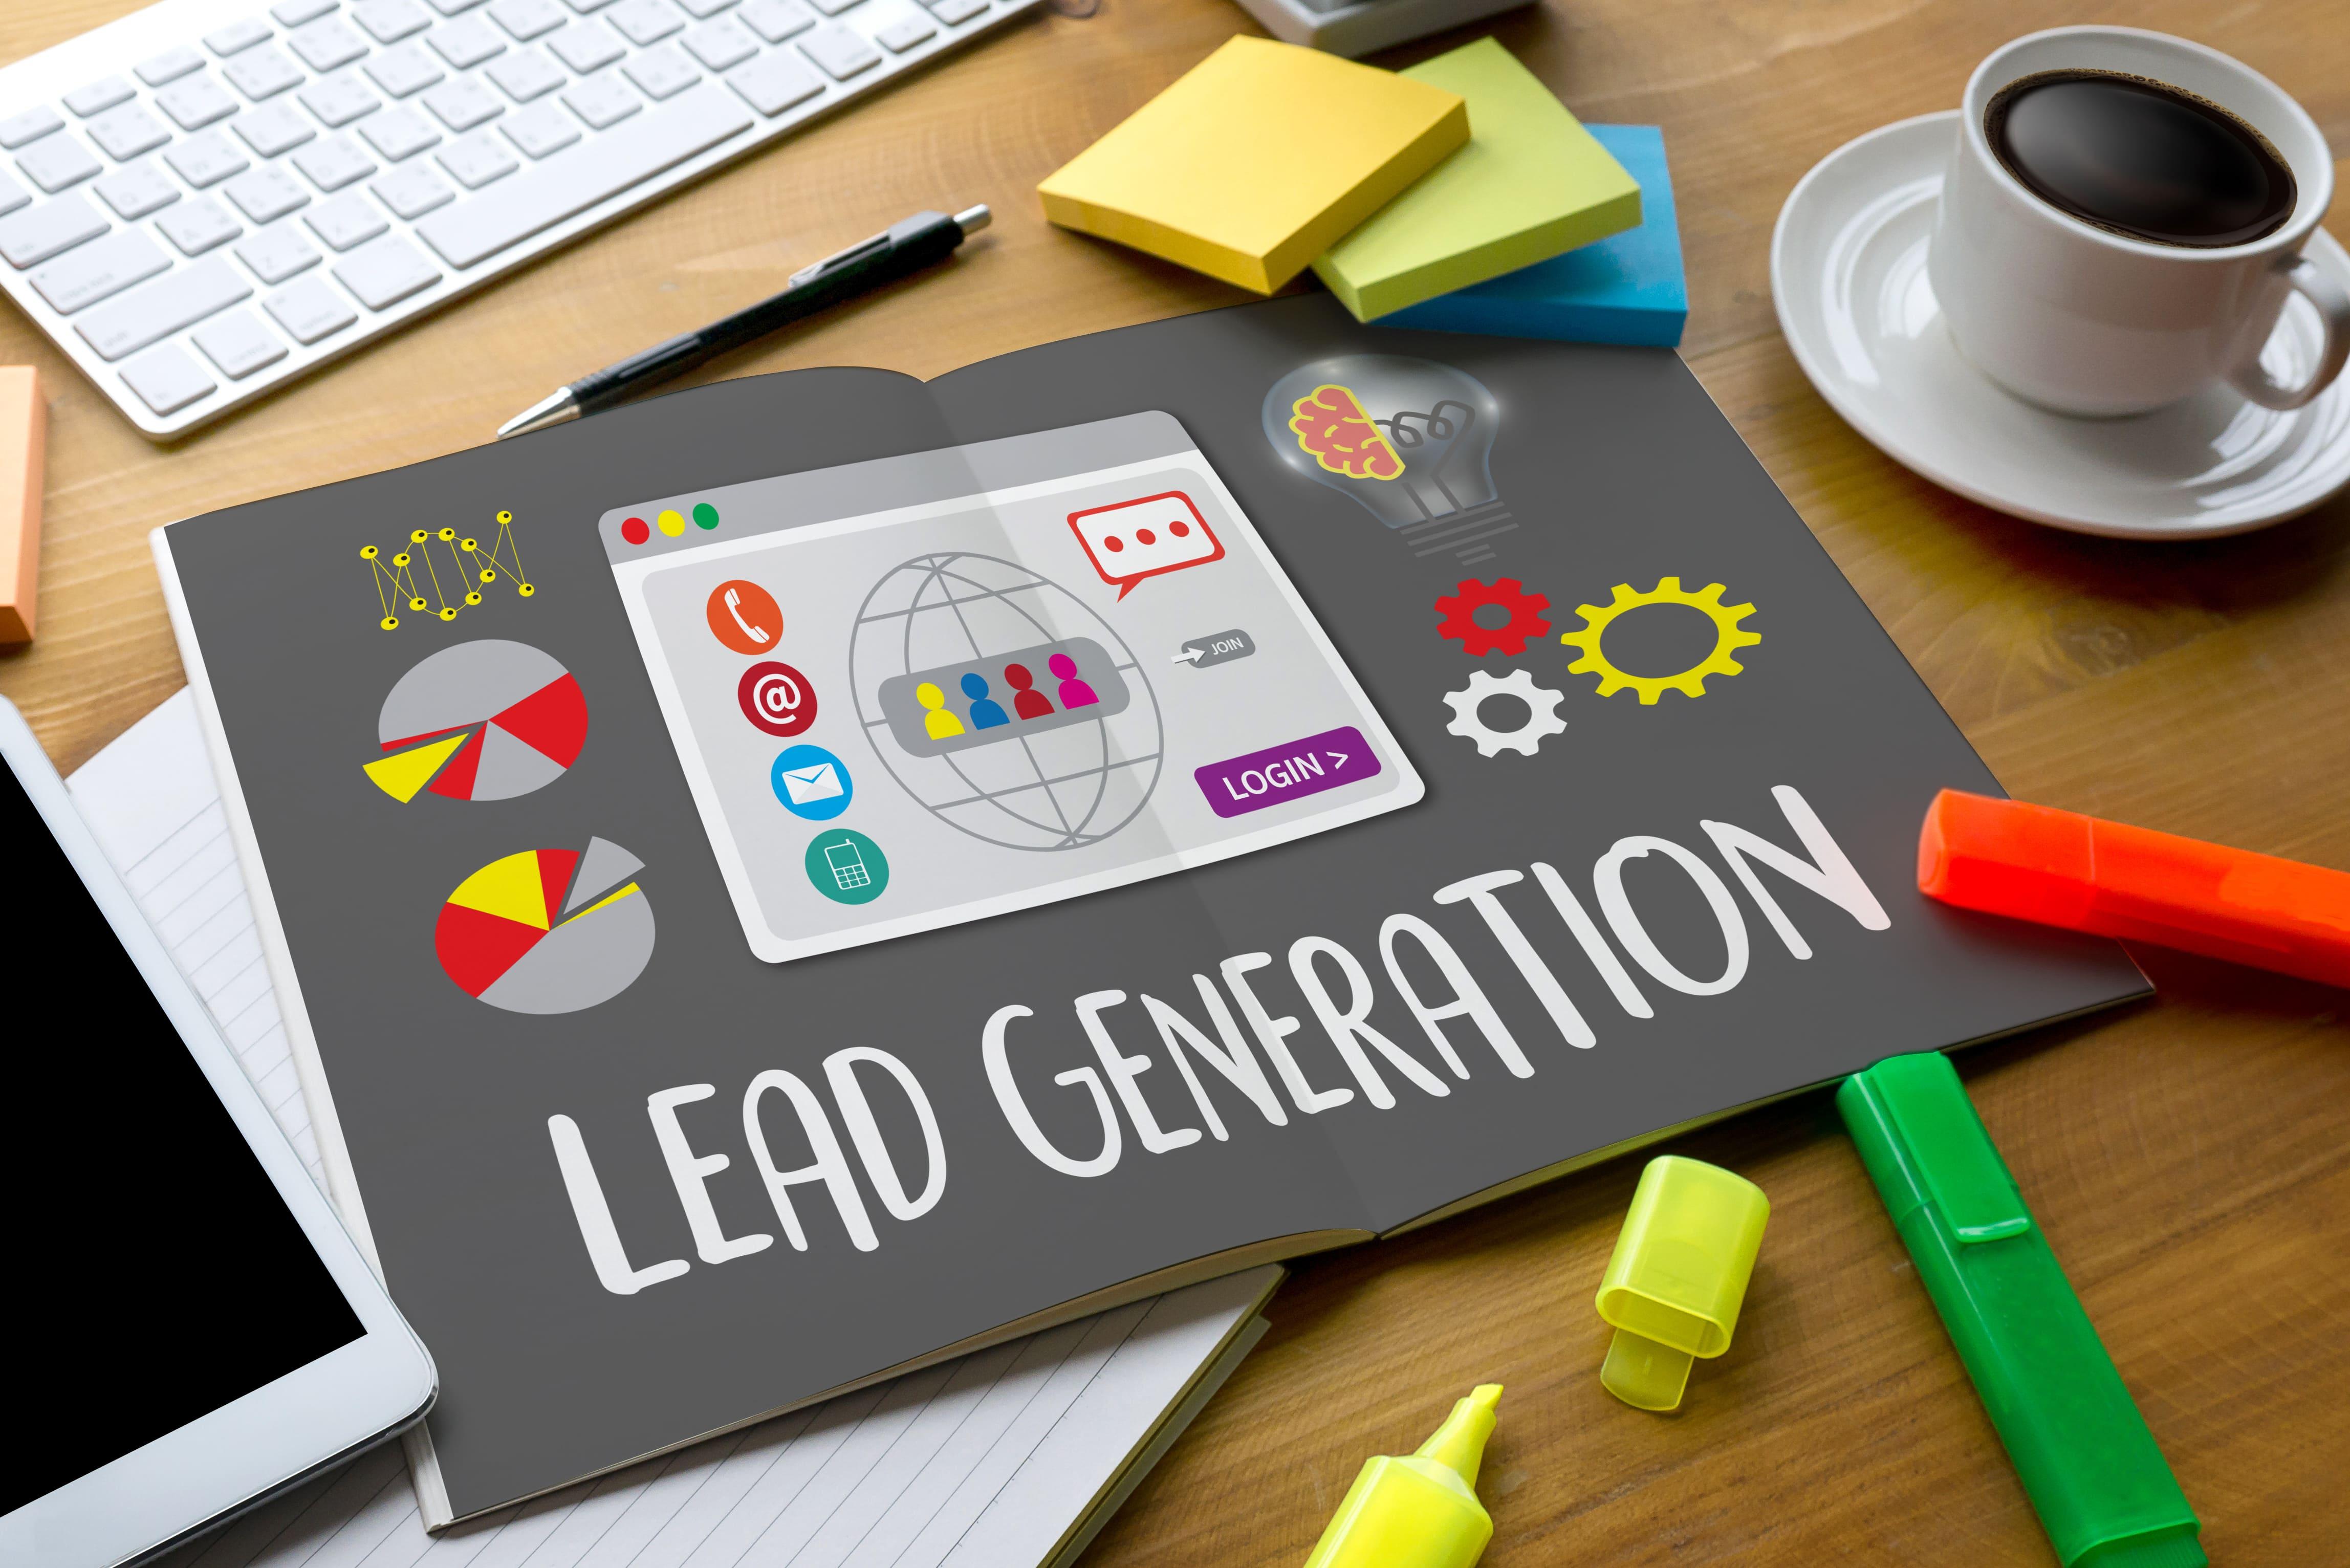 Imagem de um livro escrito leads generation para remeter ao assunto trabalhado no post